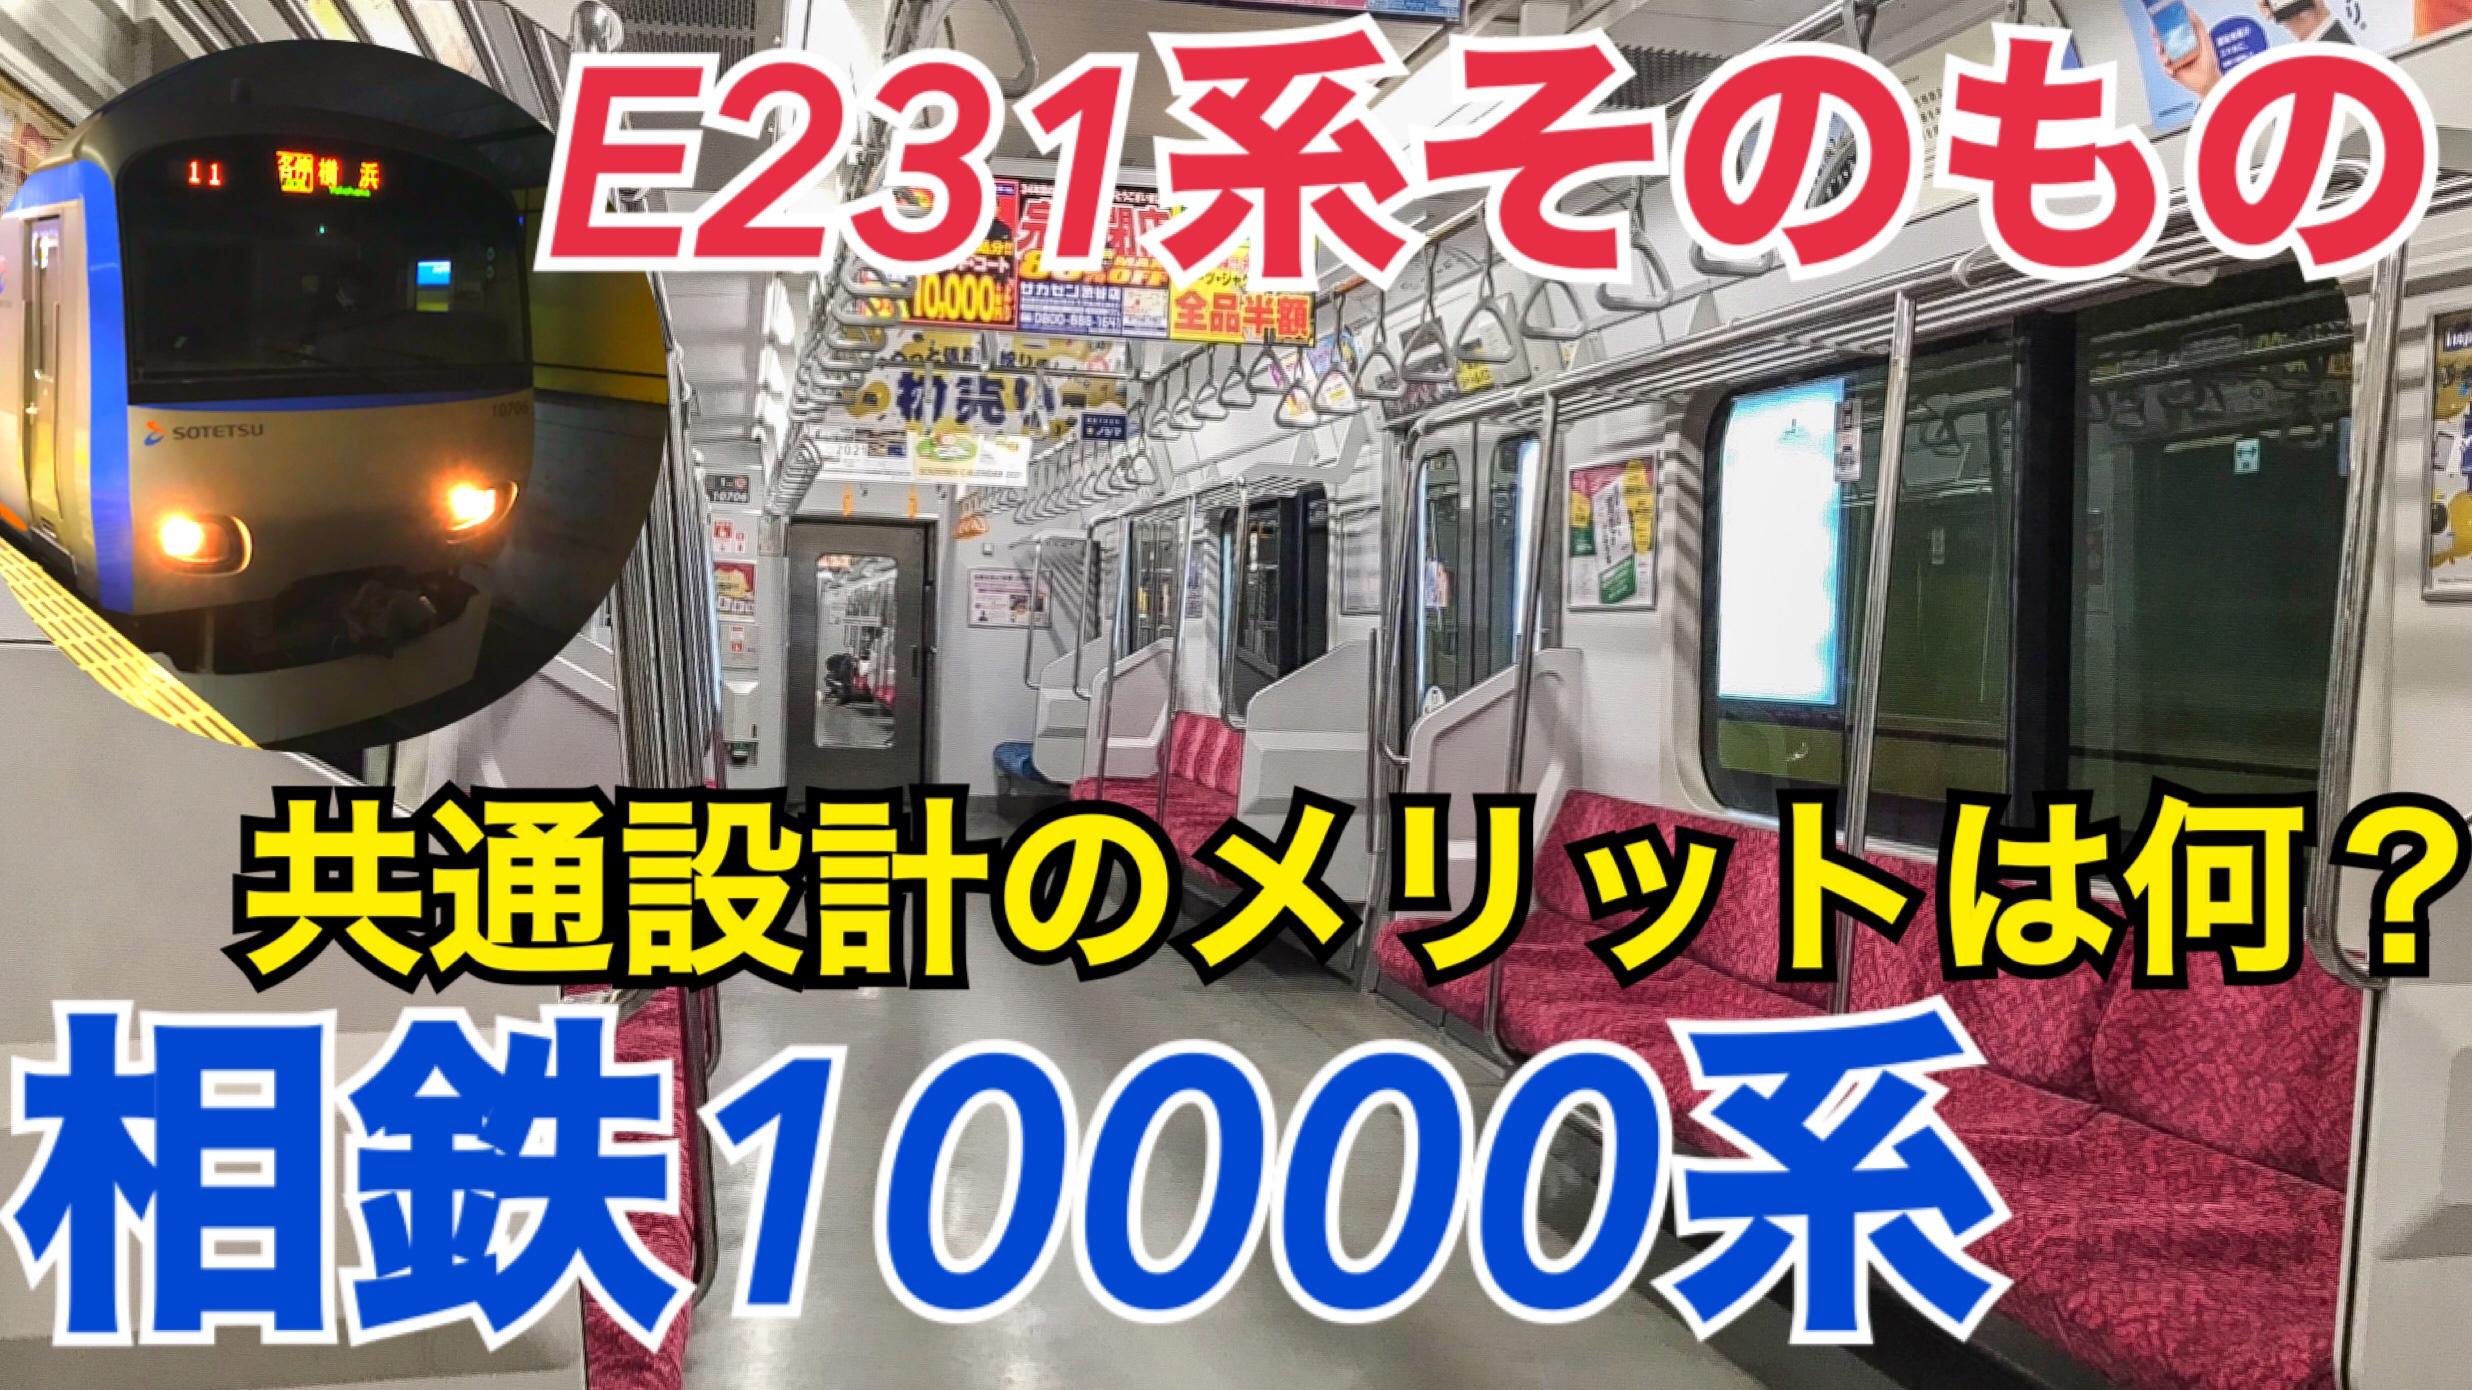 まるでE231系!相鉄10000系をご紹介!JR東日本と共通設計にするメリットは何?E231系と違うところは?【関東満喫の旅】